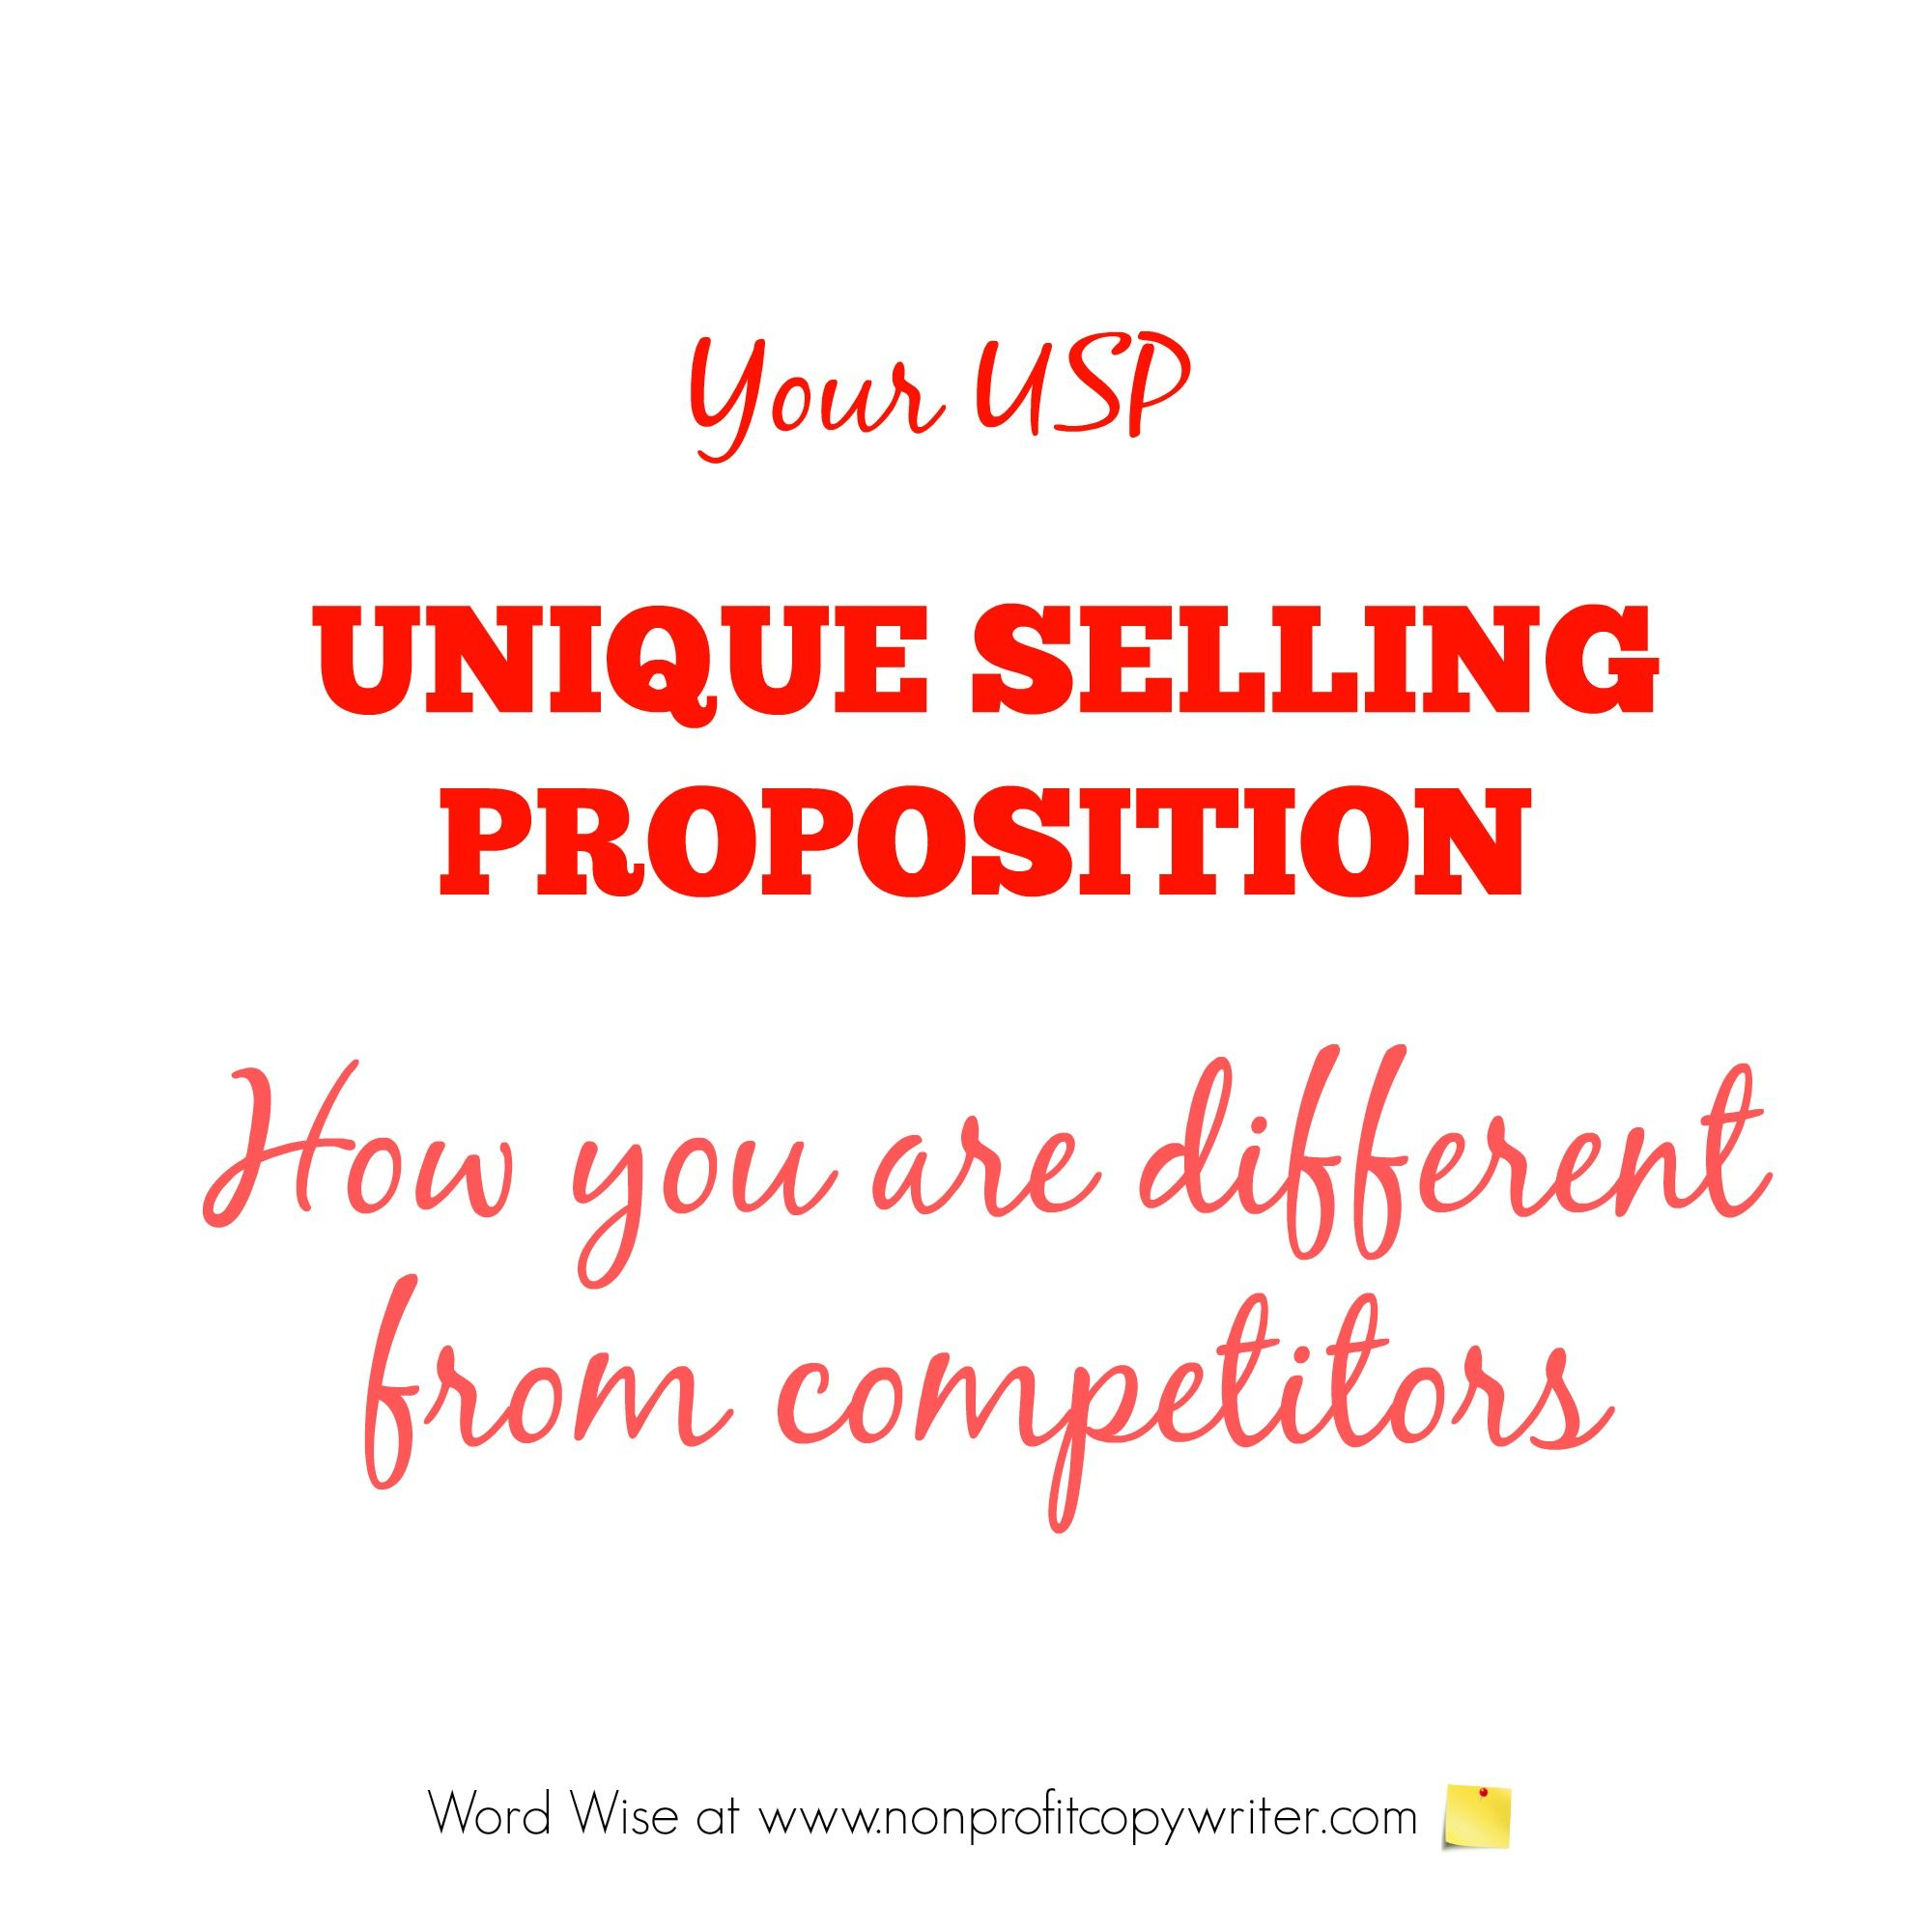 Usp Your Nonprofit S Unique Selling Proposition Unique Selling Proposition Writing Jobs Tech Writing